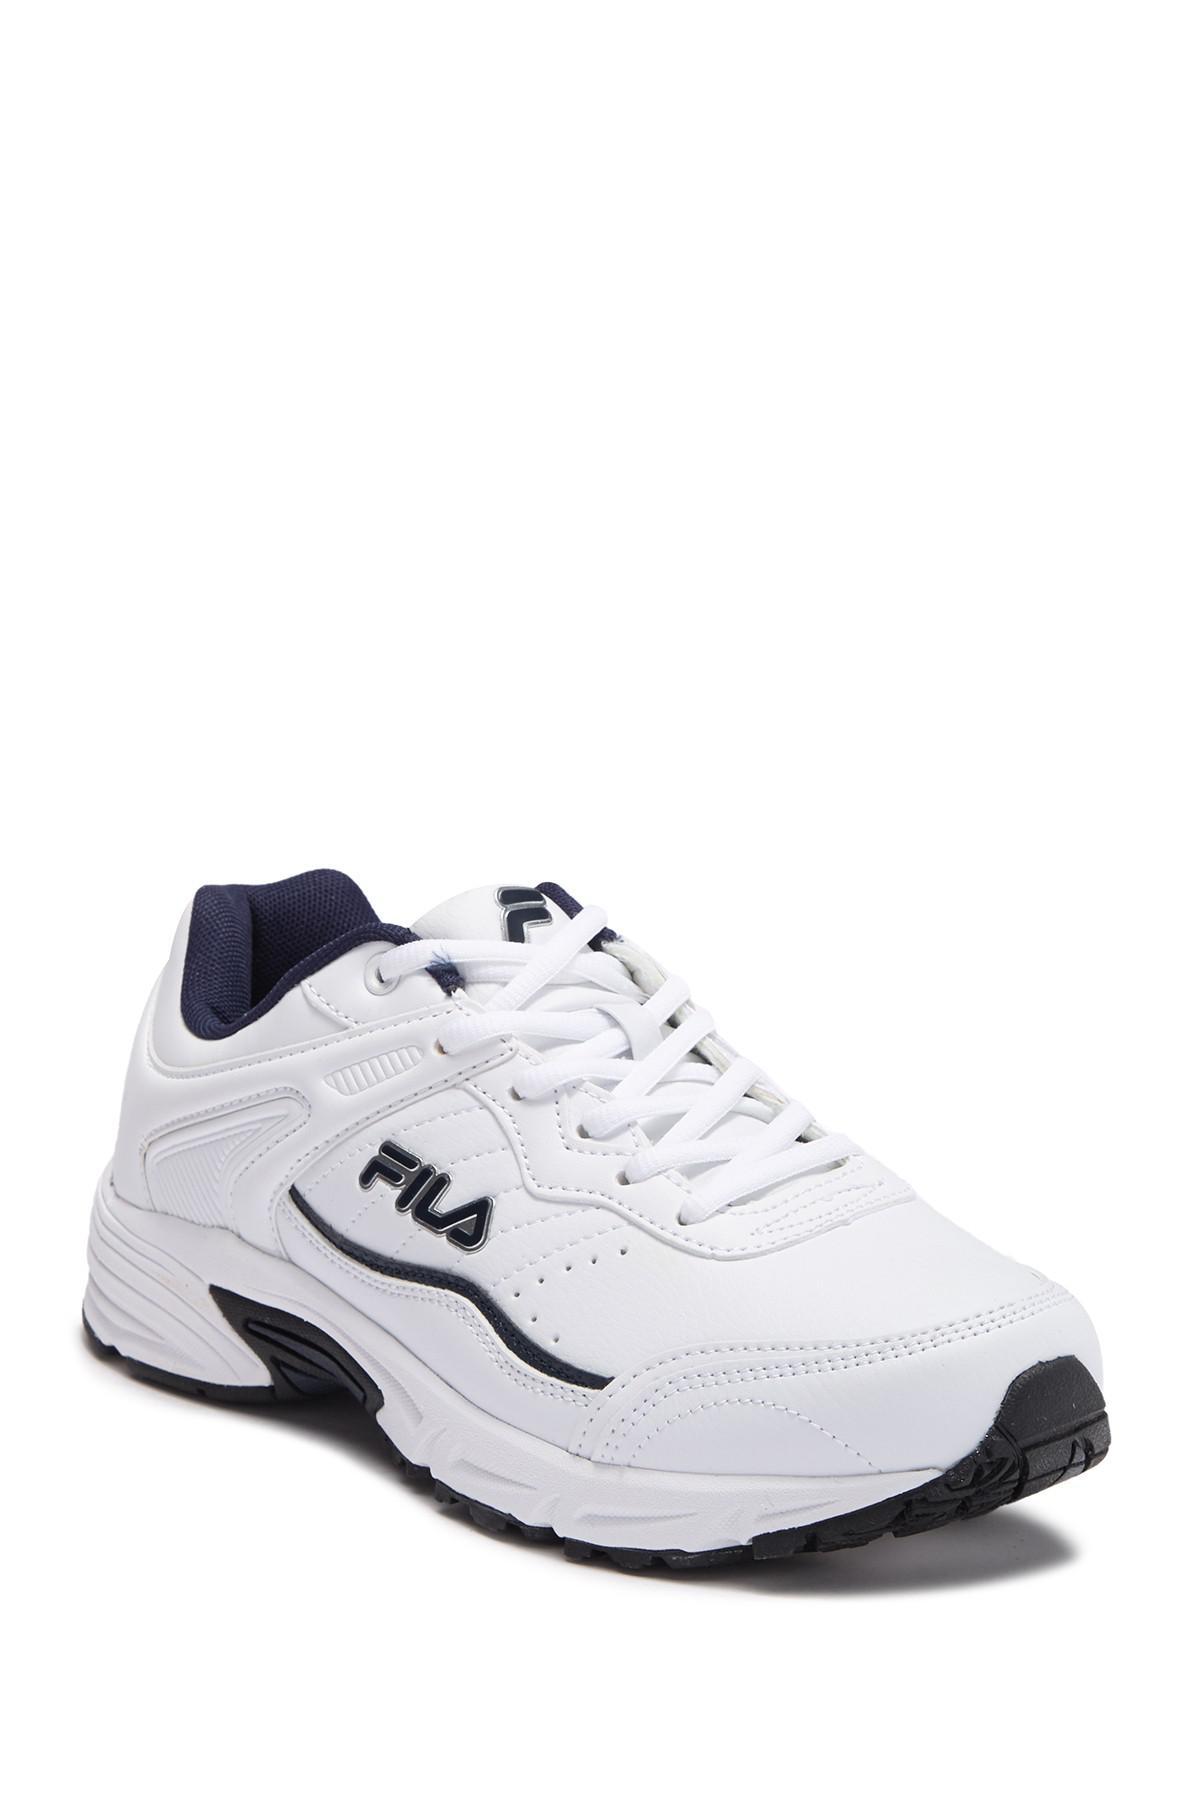 Lyst Men Sportland Memory Width For Sneaker Fila Available Wide rSpnrx